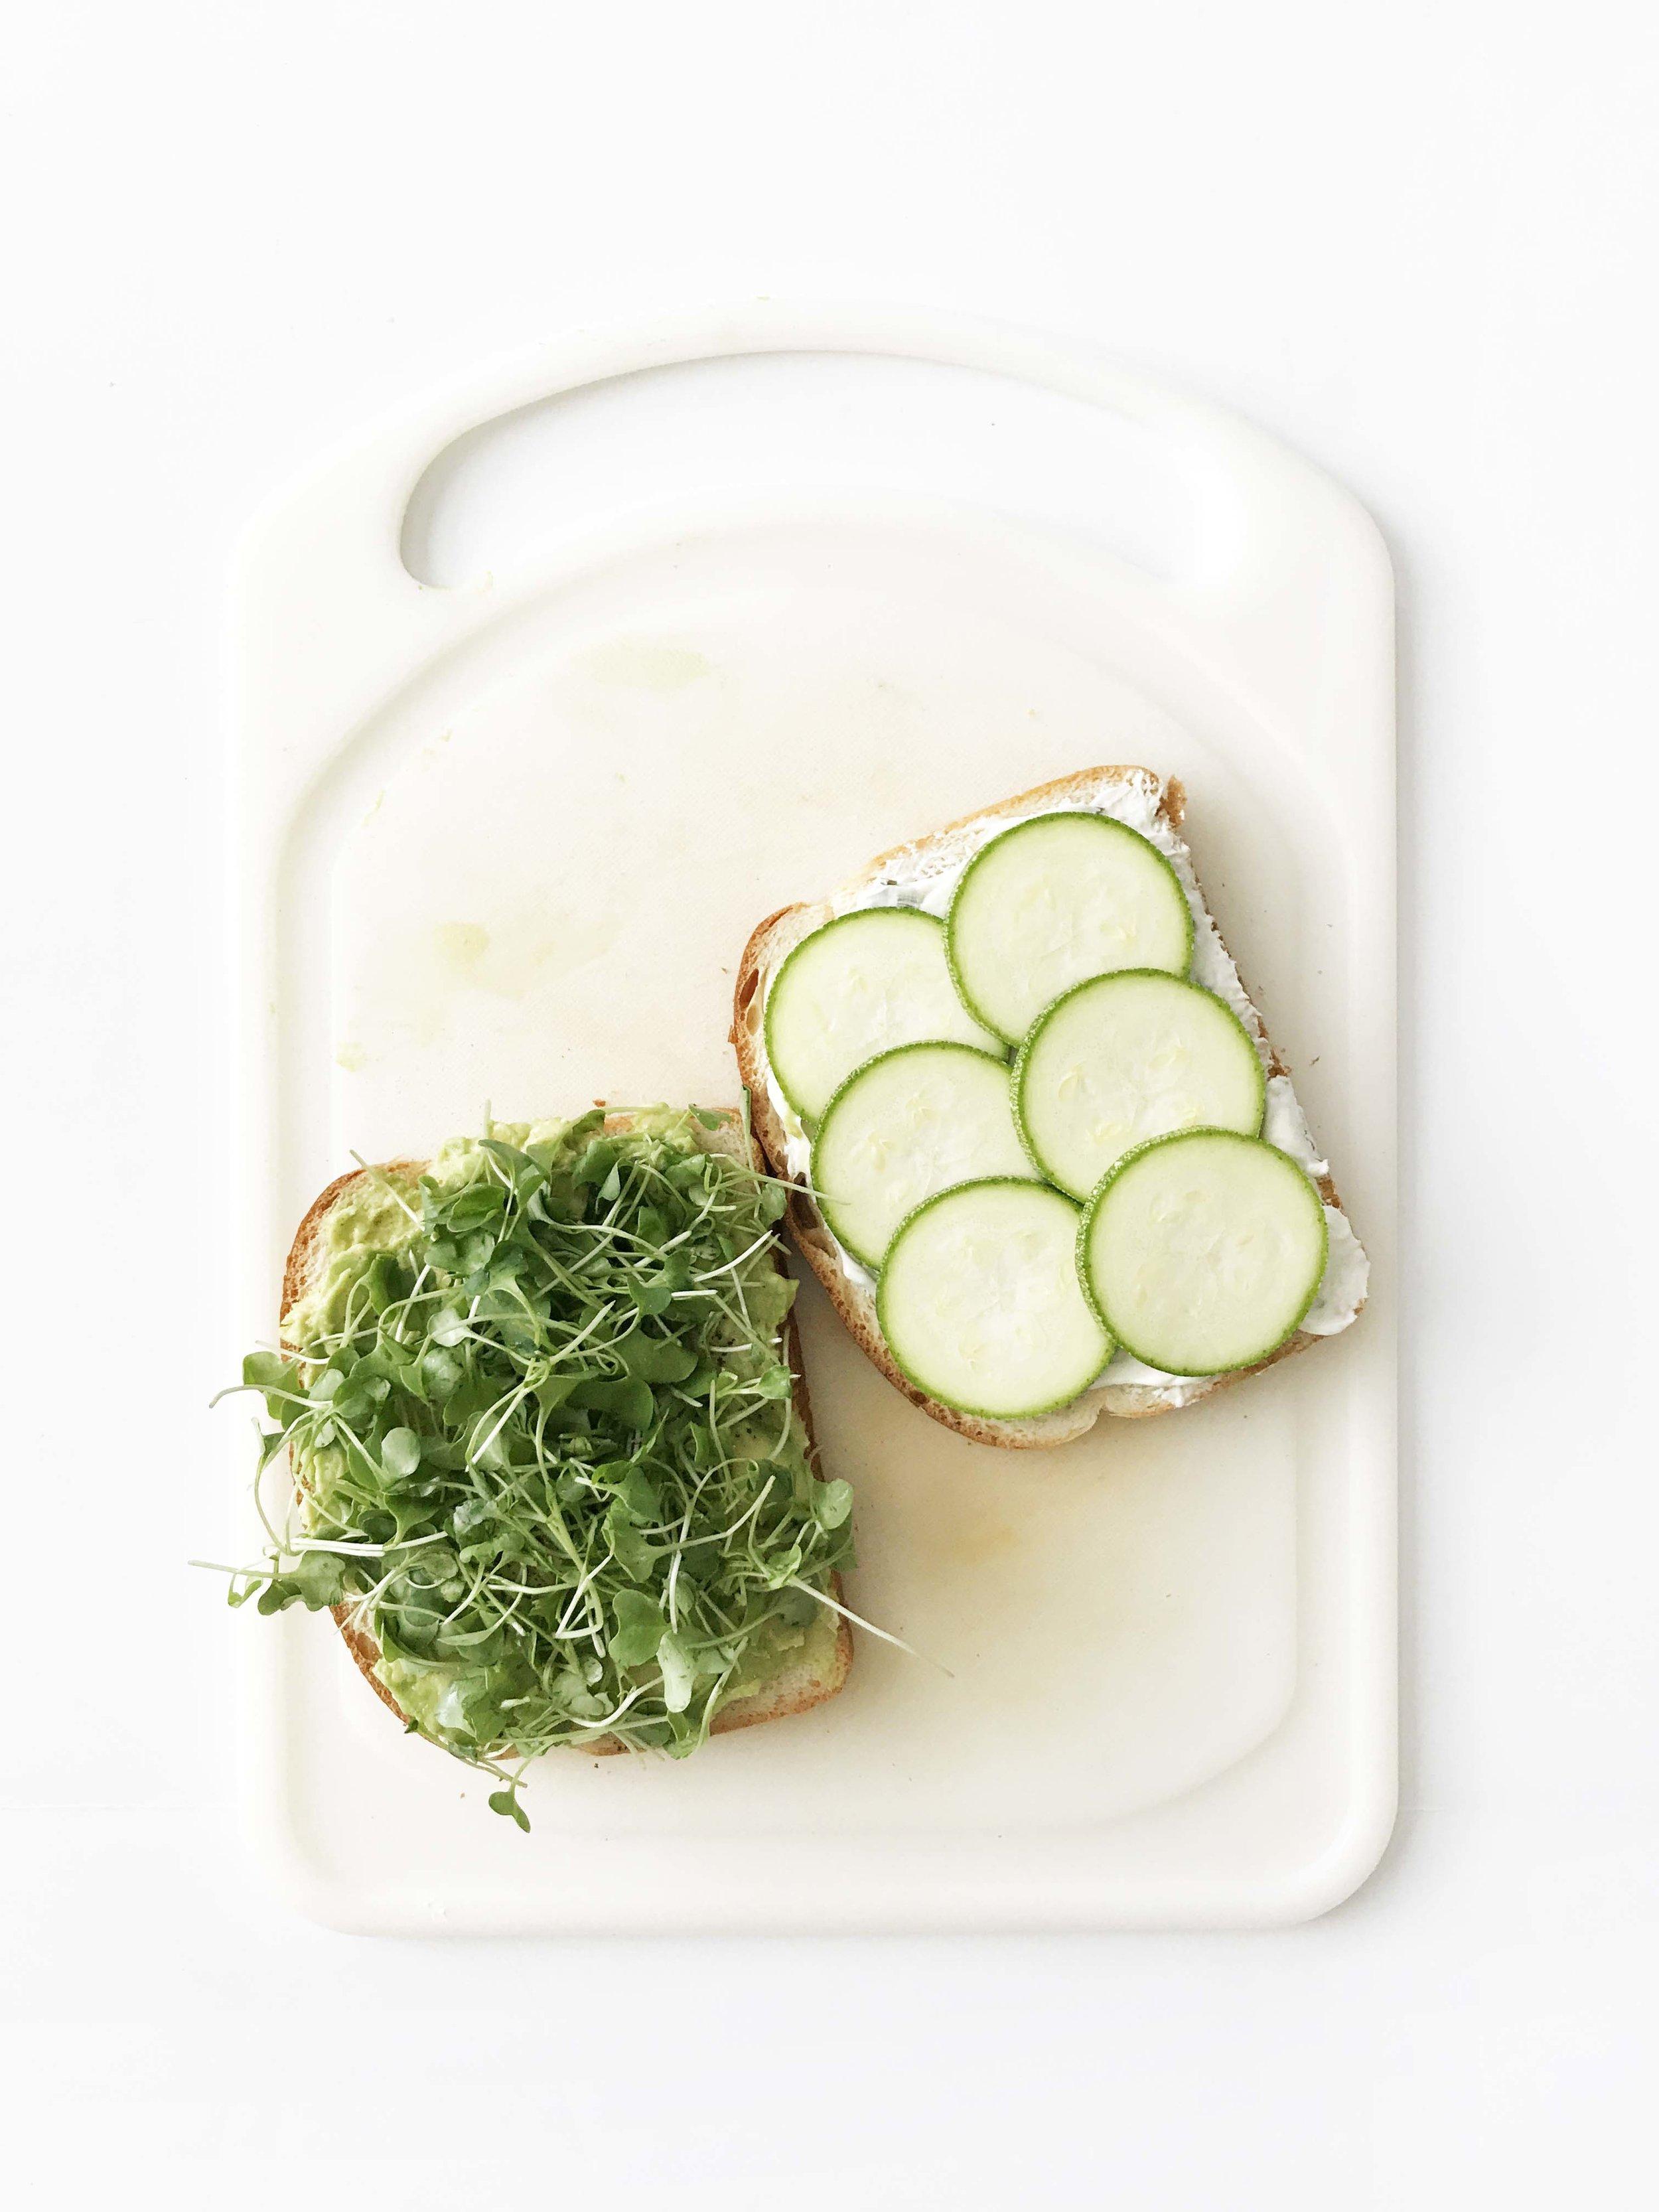 lean-mean-green-sandwich6.jpg